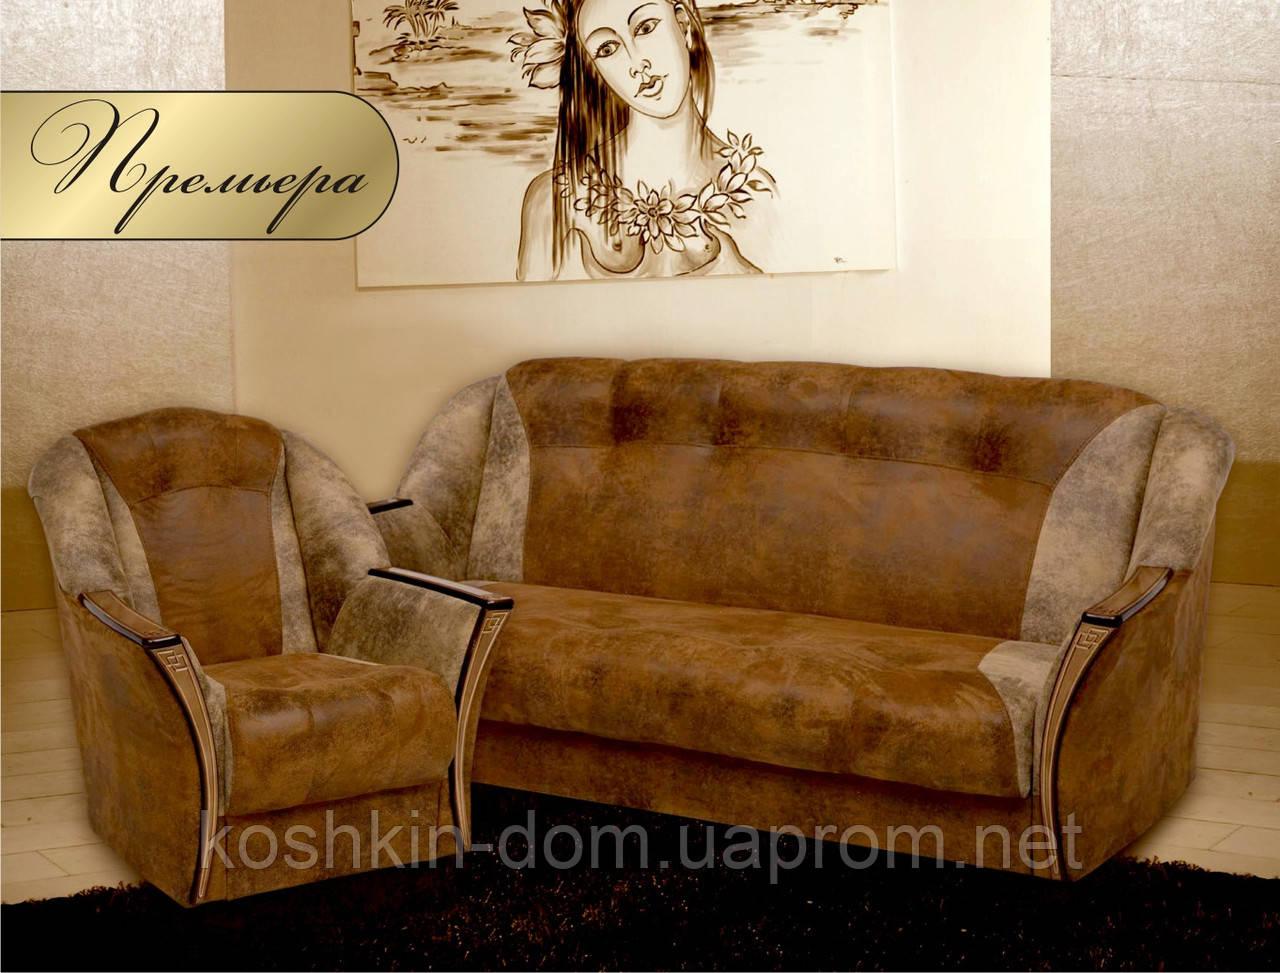 """Комплект мягкой мебели """"Премьера"""" (диван + кресло)"""